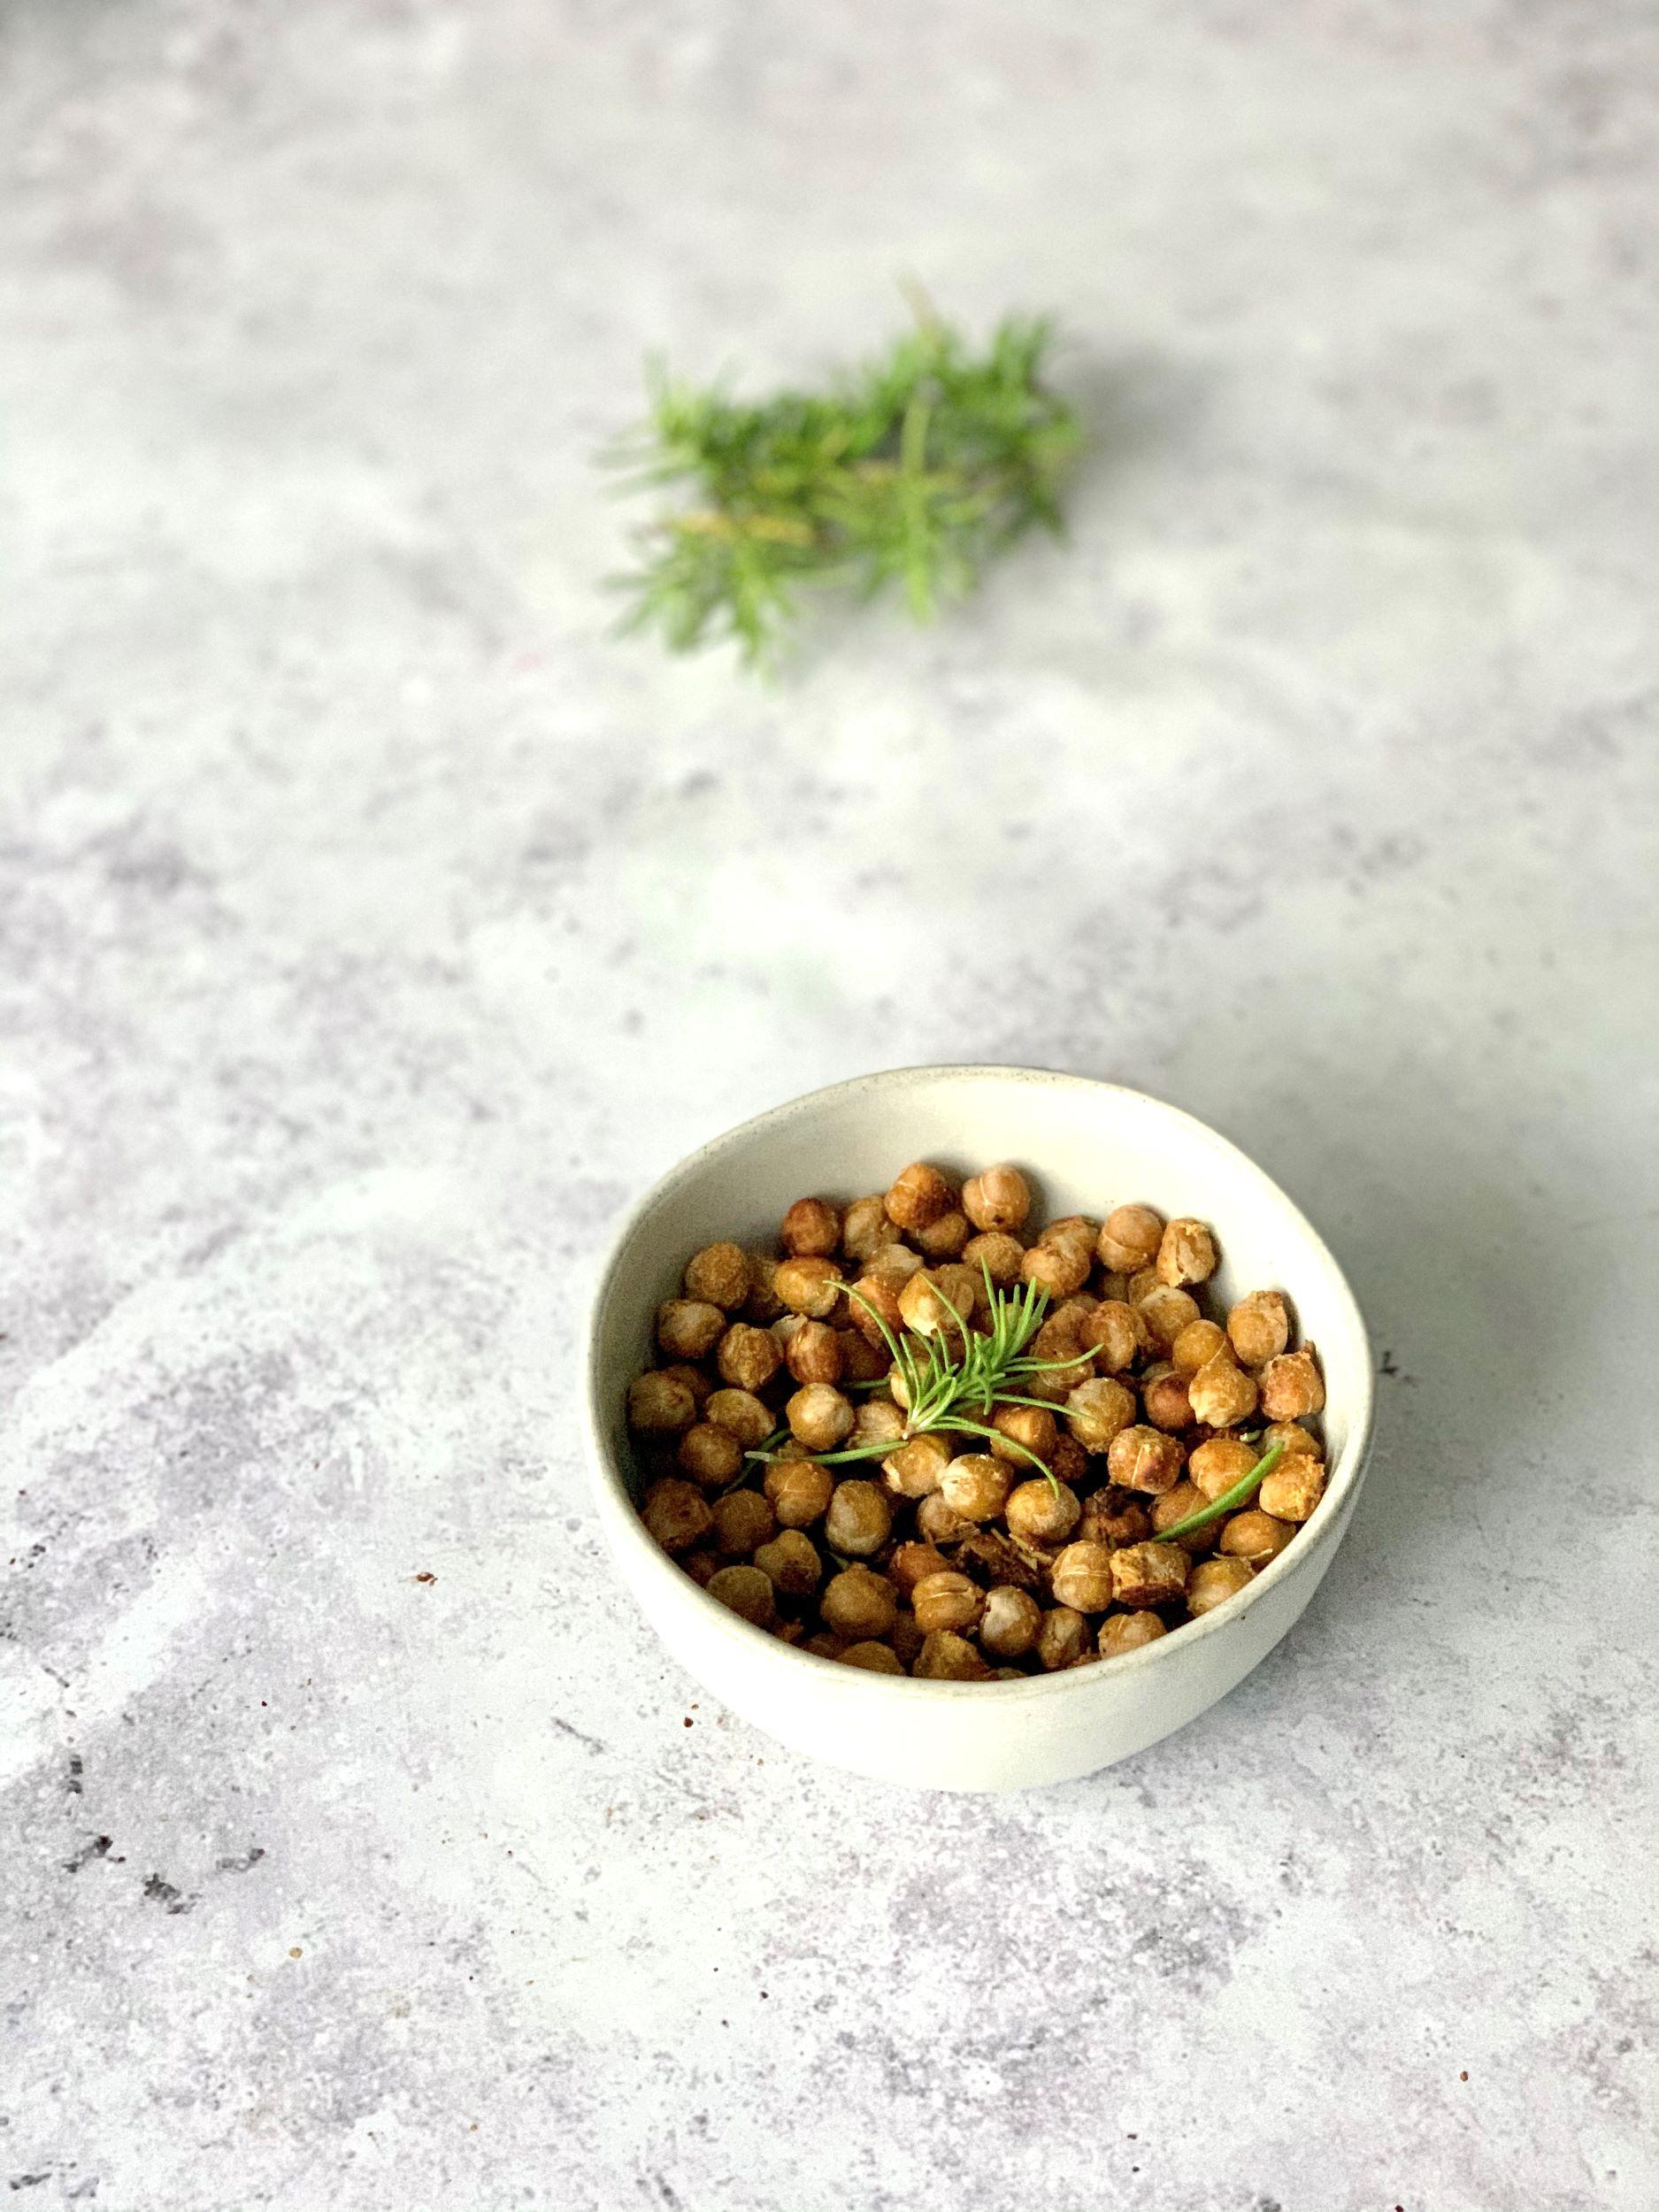 Rosemary Sea-Salt Roasted Chickpeas